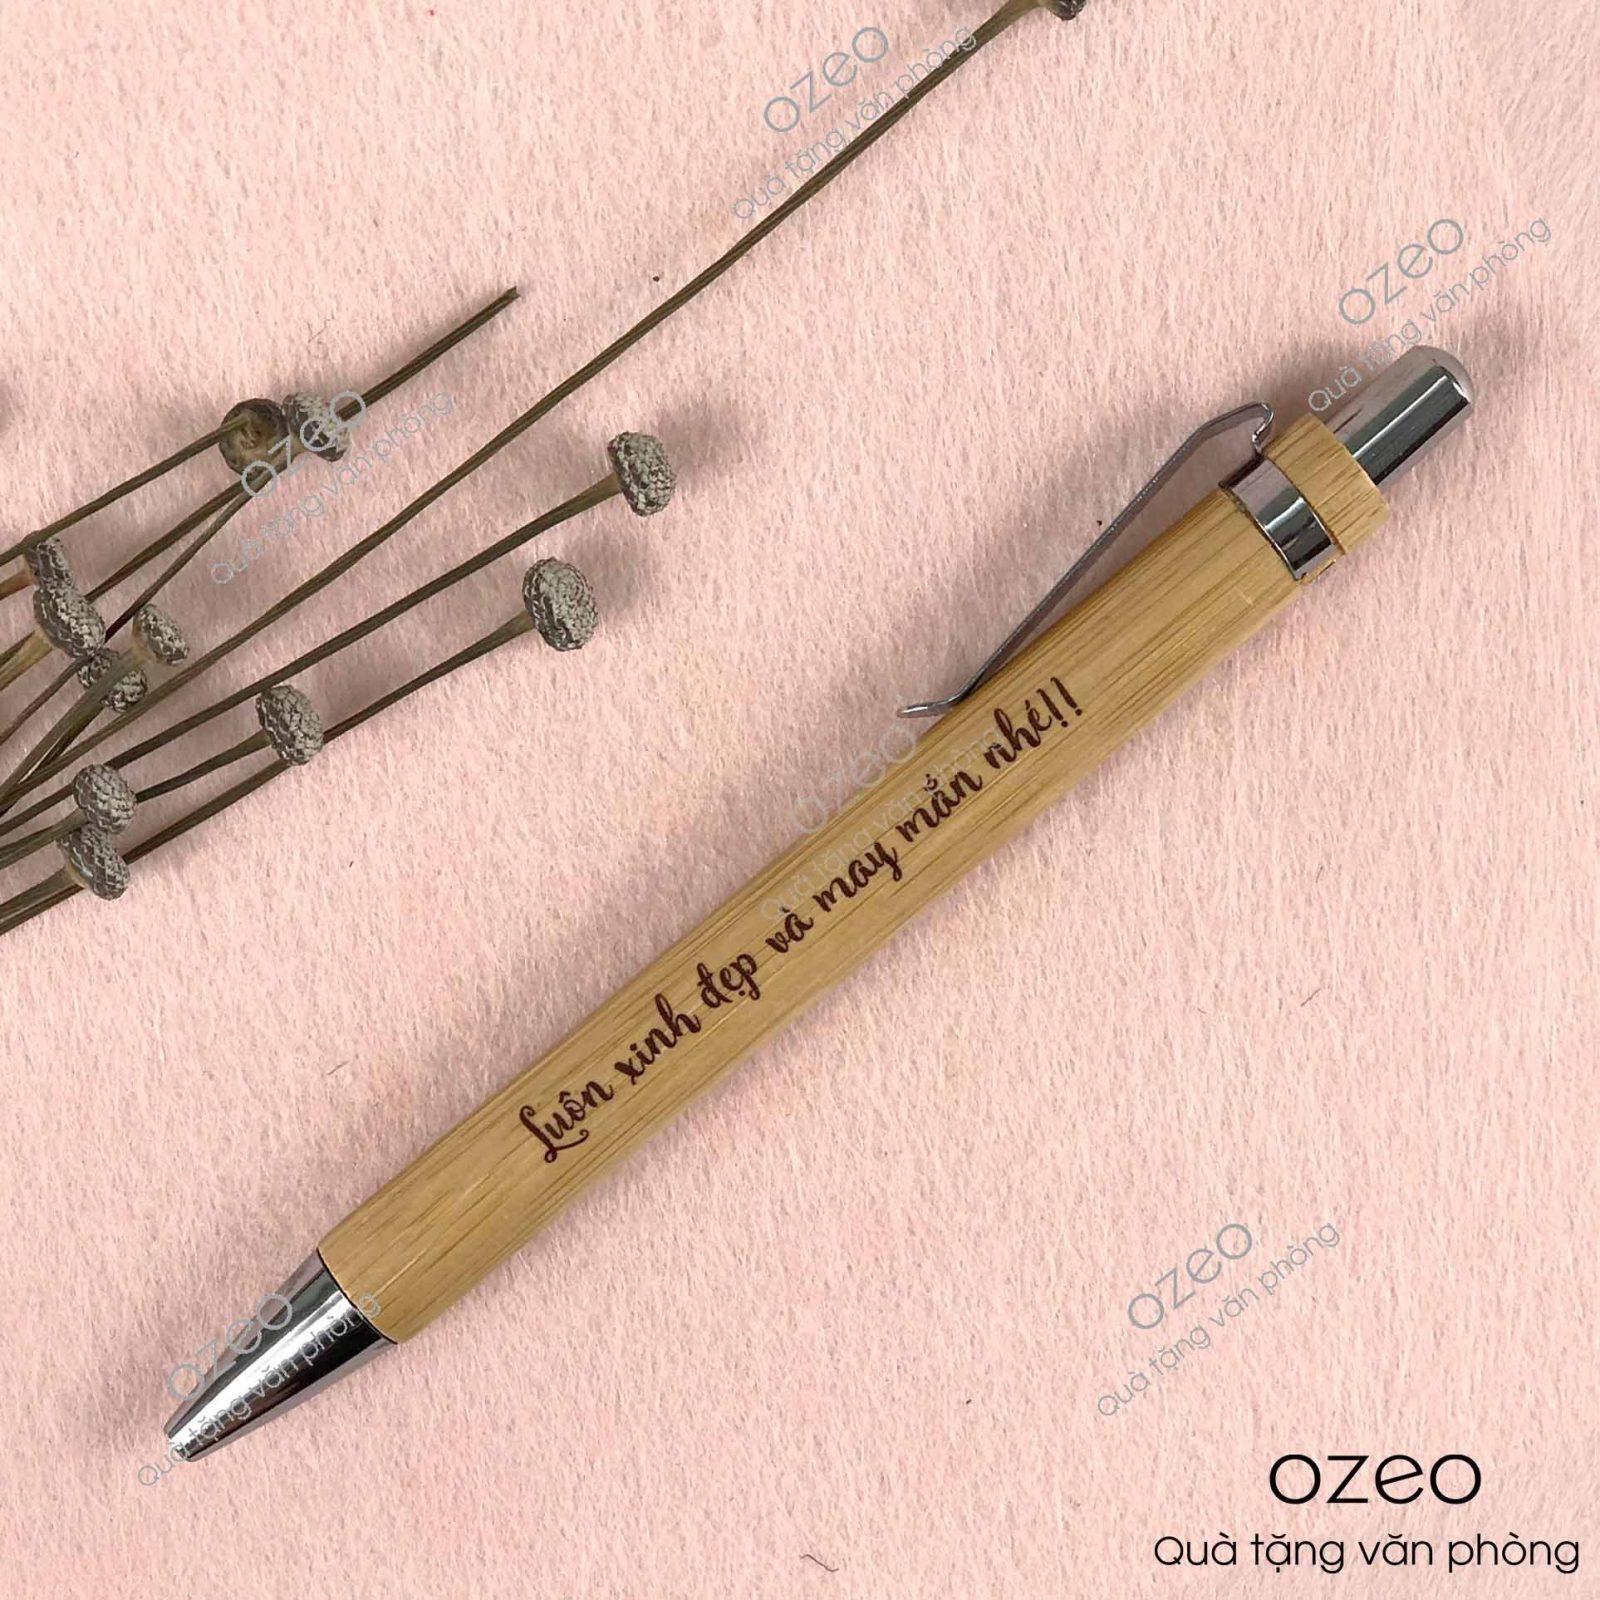 Bút gỗ tre BT0303 khắc/in chữ làm quà tặng mẹ.